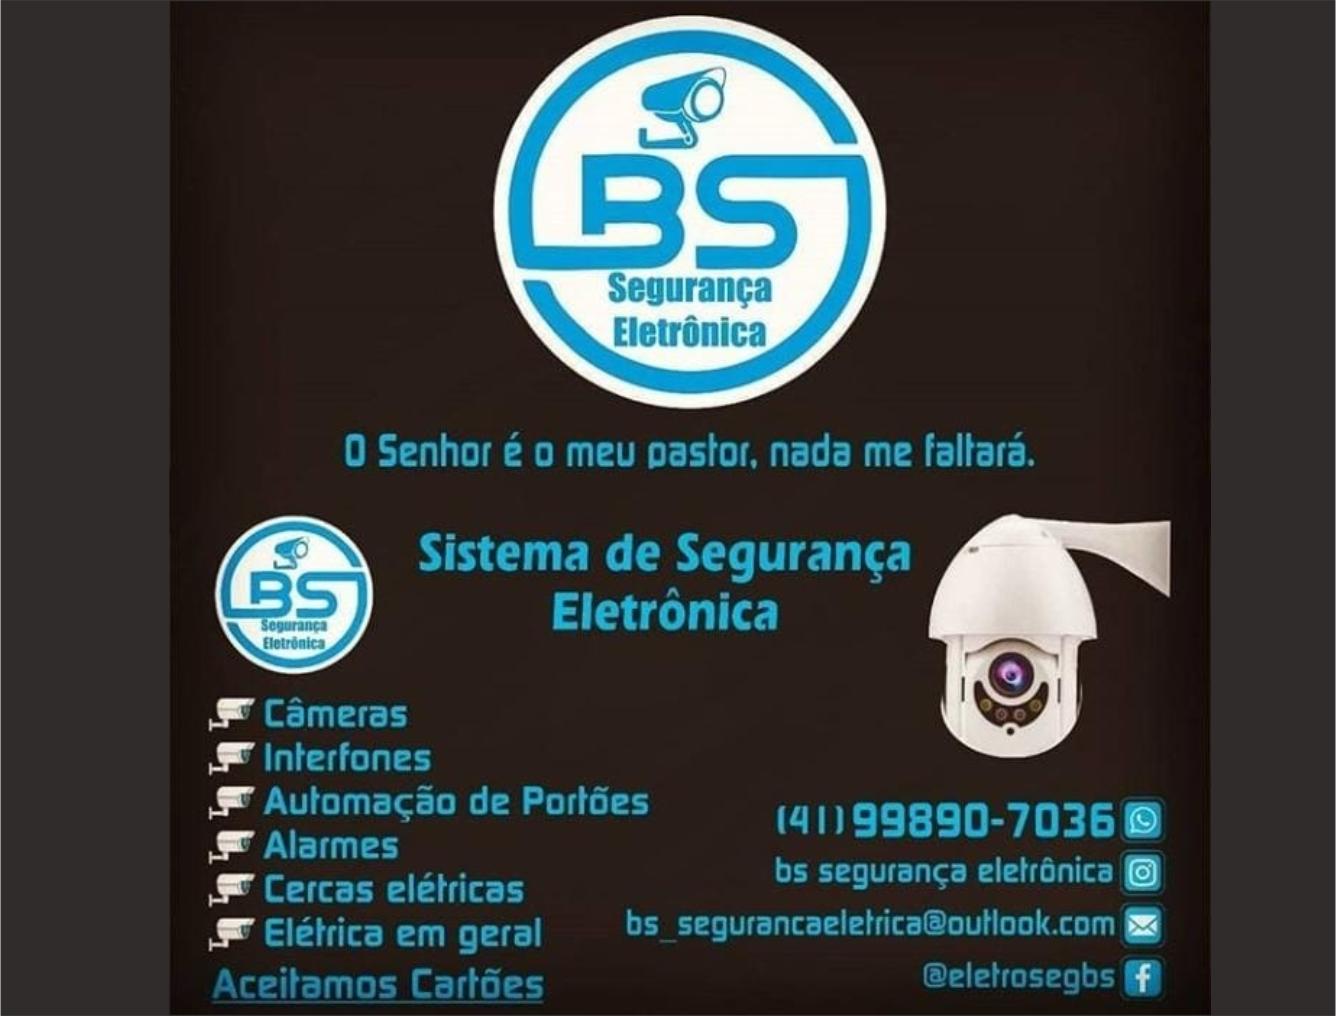 BS Segurança Eletrônica  (41)99890-7036